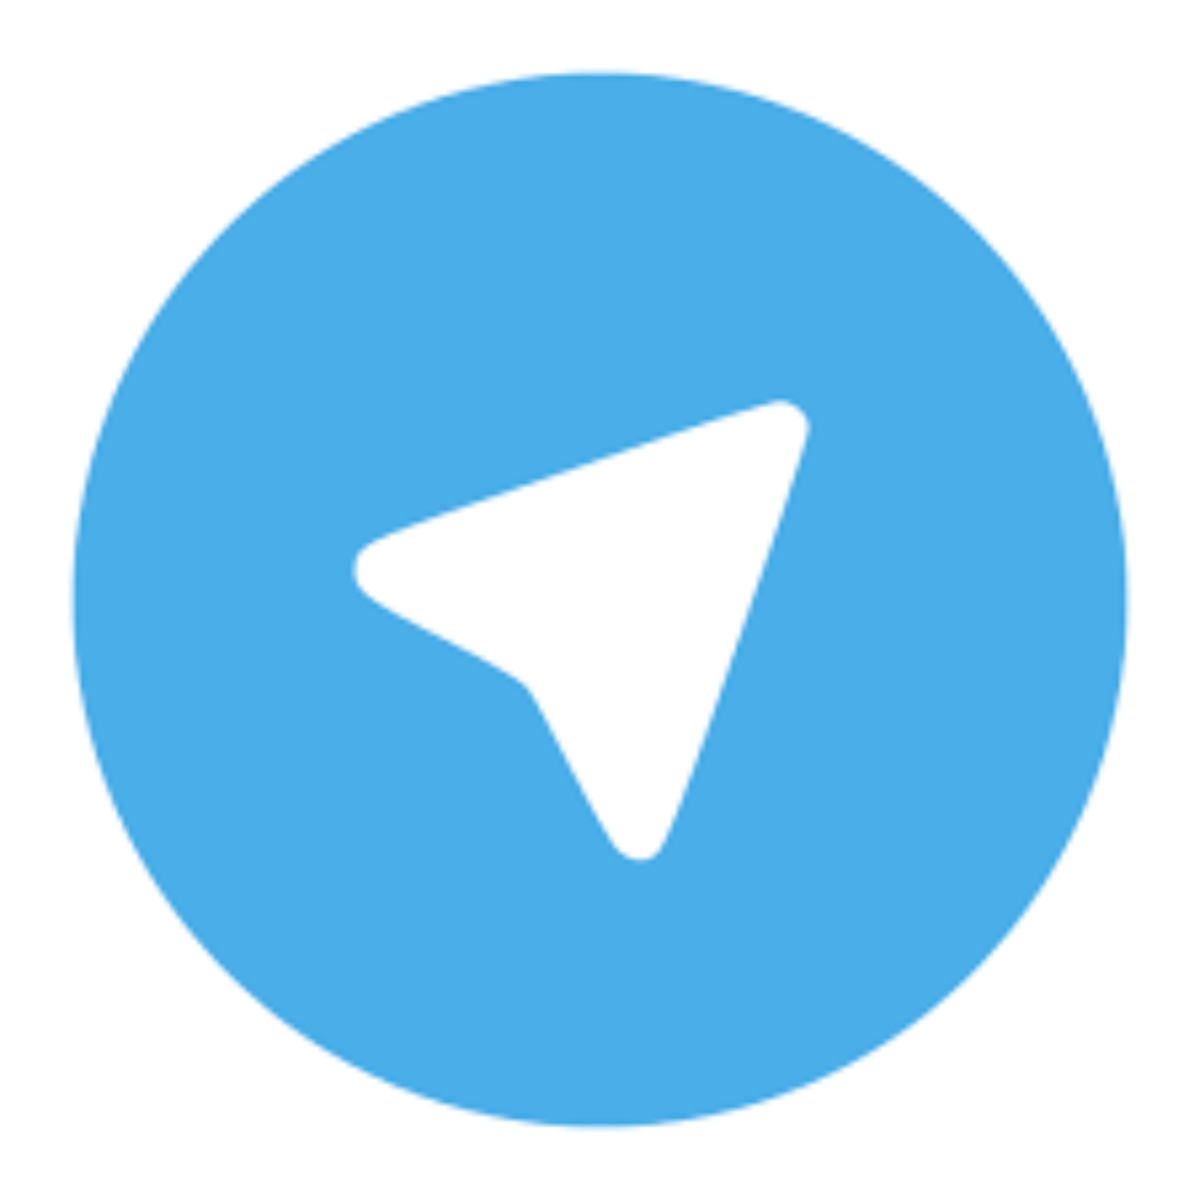 پکیج اتصال دائمی تلگرام